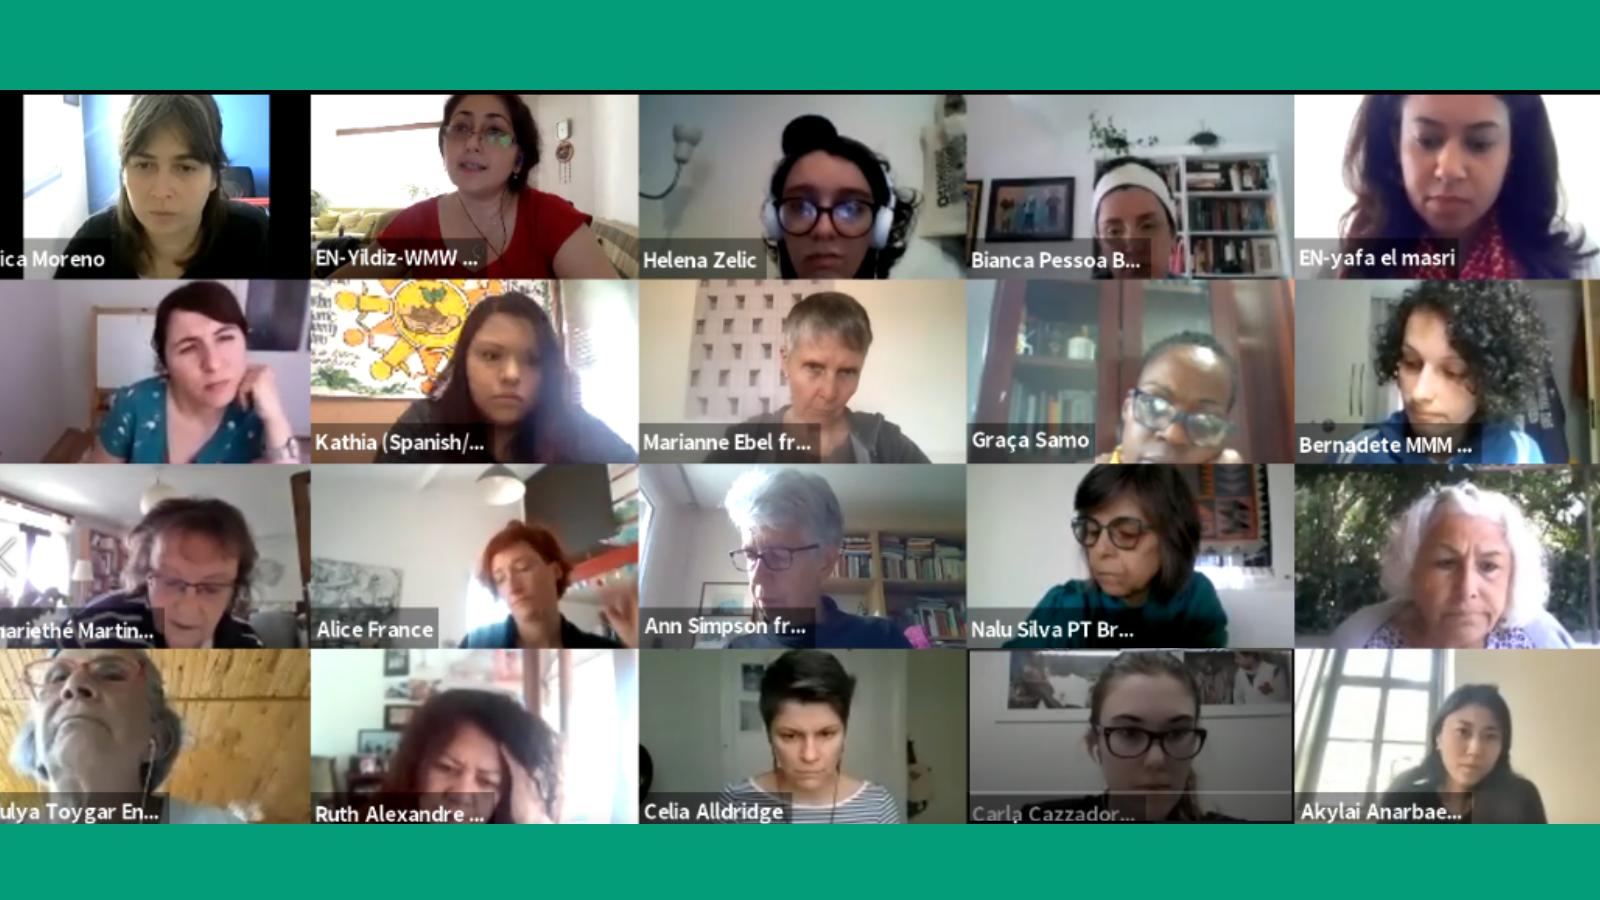 Migraciones y Refugio en la agenda feminista es el tema de debate en el webinar de la Marcha Mundial de las Mujeres y Capire